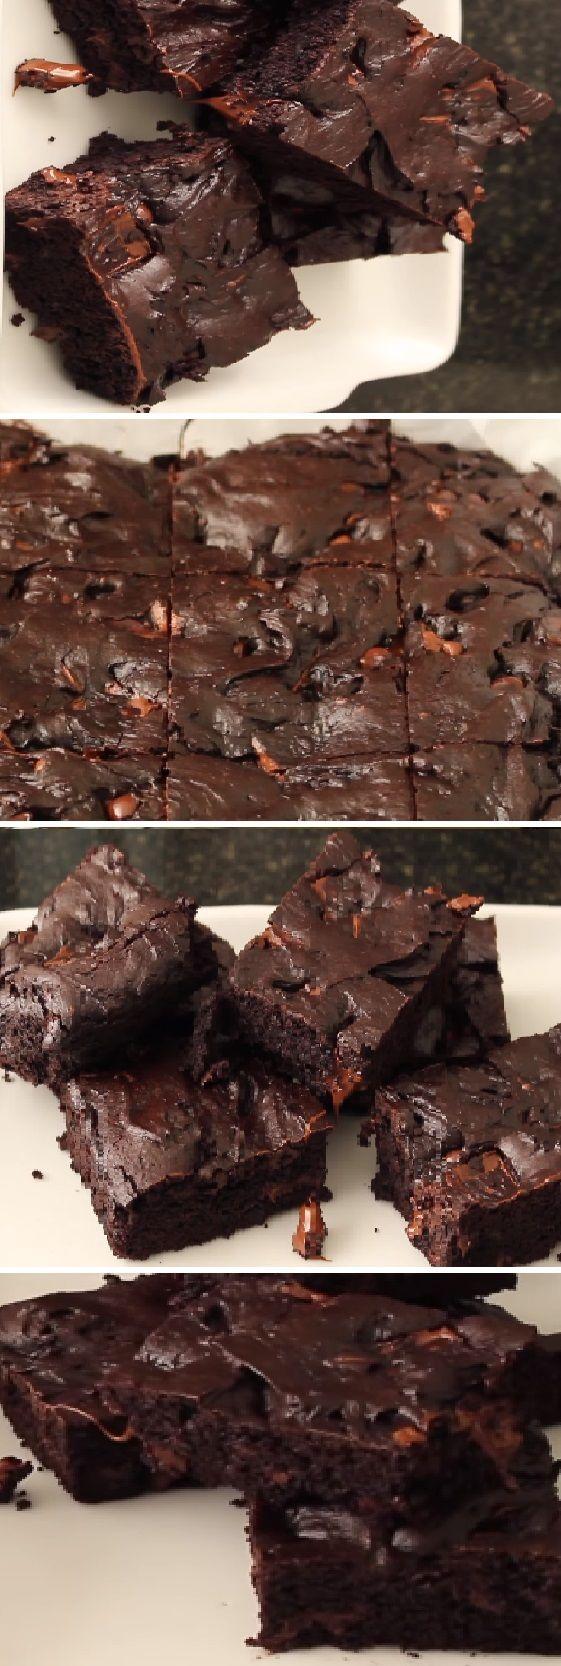 El Brownie Más Fácil Y Rico De La Vida Brownie Facil Rico Lomejor Delmundo Receta Recipe Casero Torta Brownies Fáciles Recetas Dulces Postres Ricos